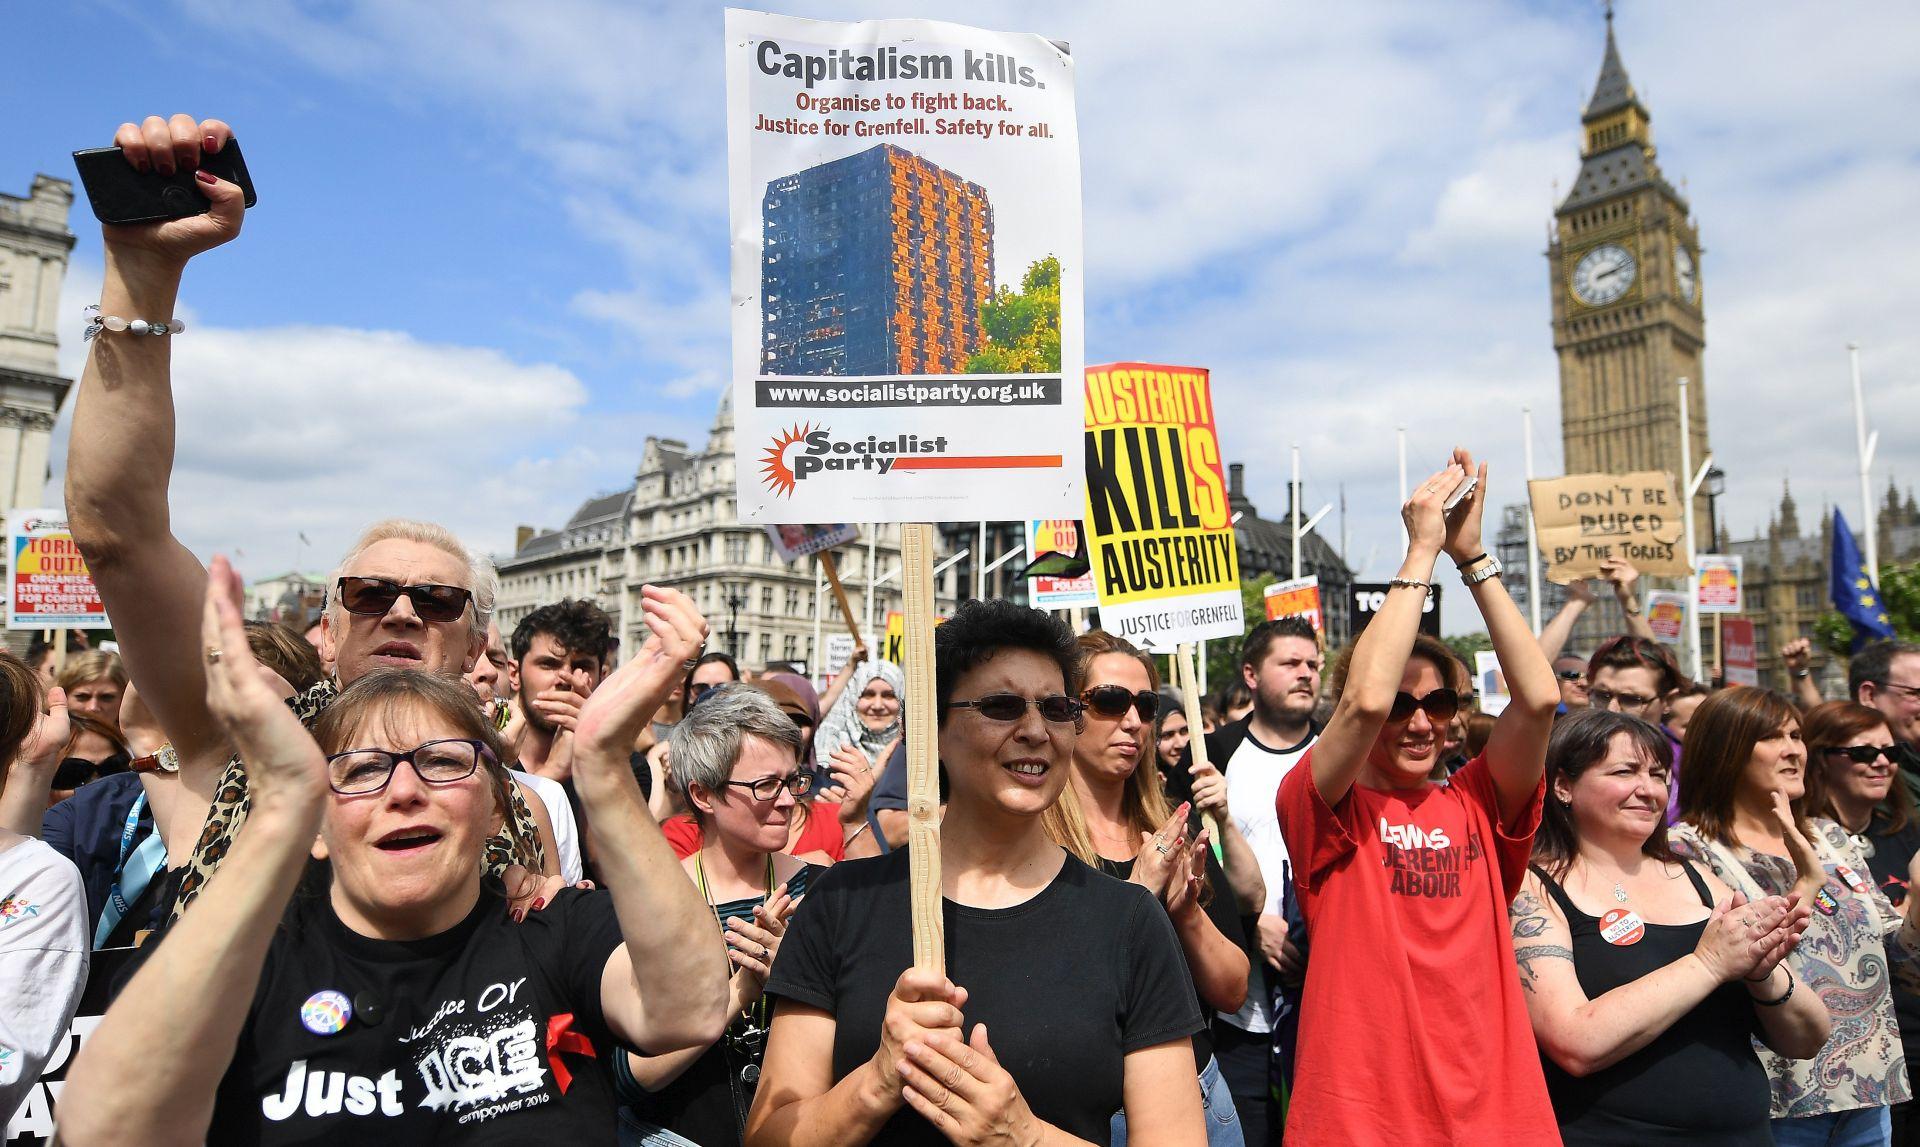 Tisuće ljudi prosvjedovale u Londonu protiv vlade Therese May